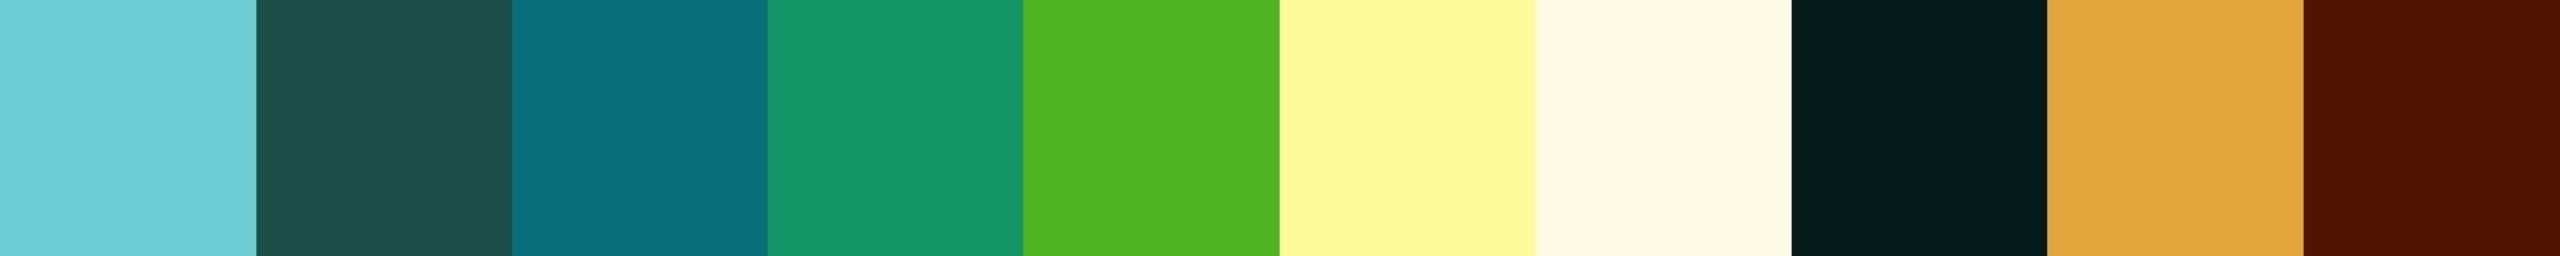 712 Xirakena Color Palette